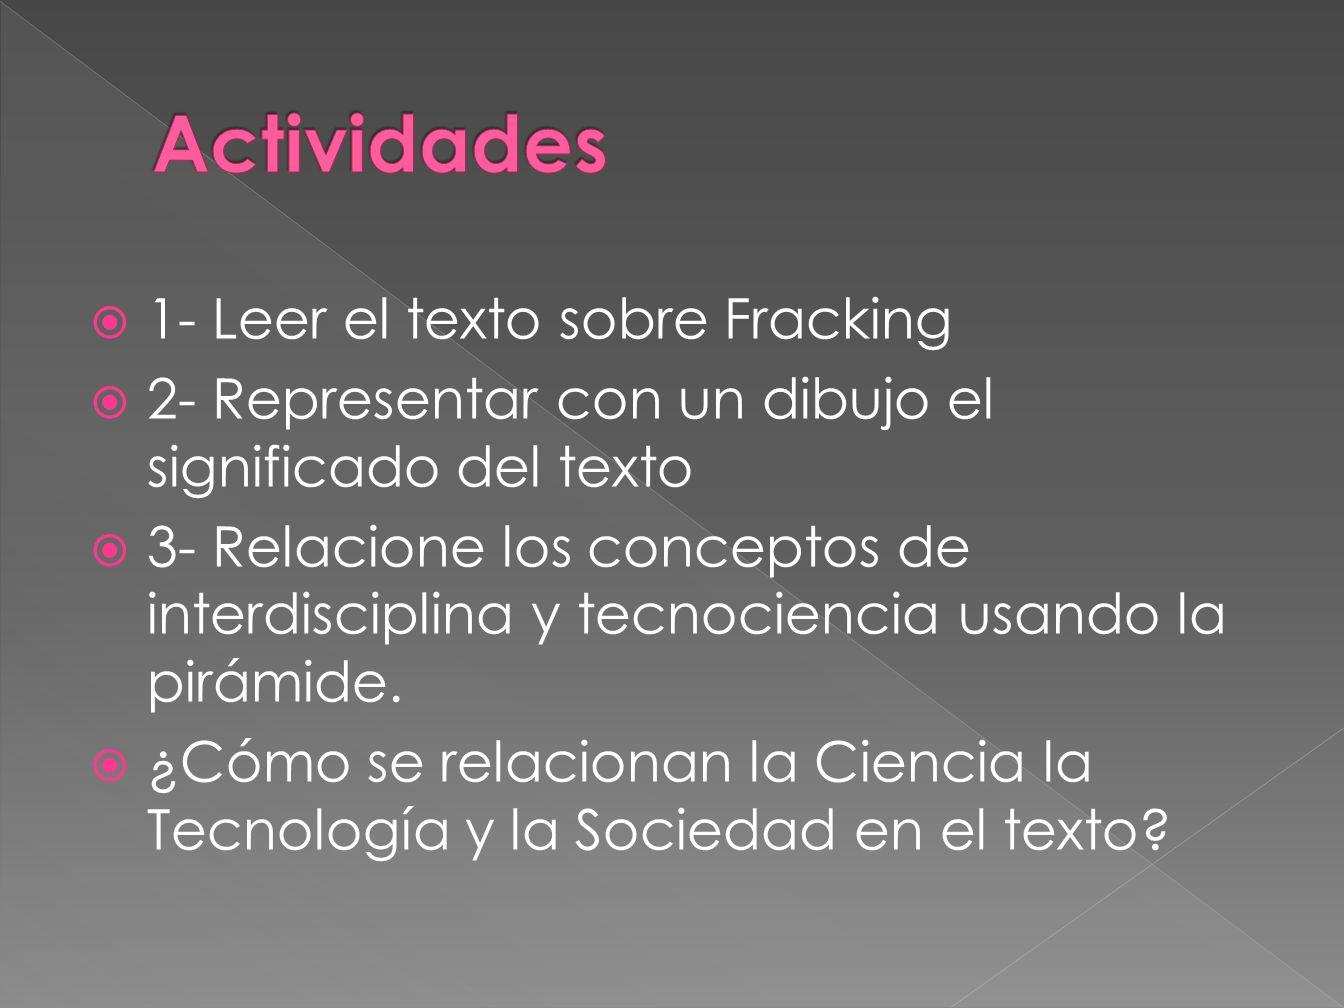 1- Leer el texto sobre Fracking 2- Representar con un dibujo el significado del texto 3- Relacione los conceptos de interdisciplina y tecnociencia usa